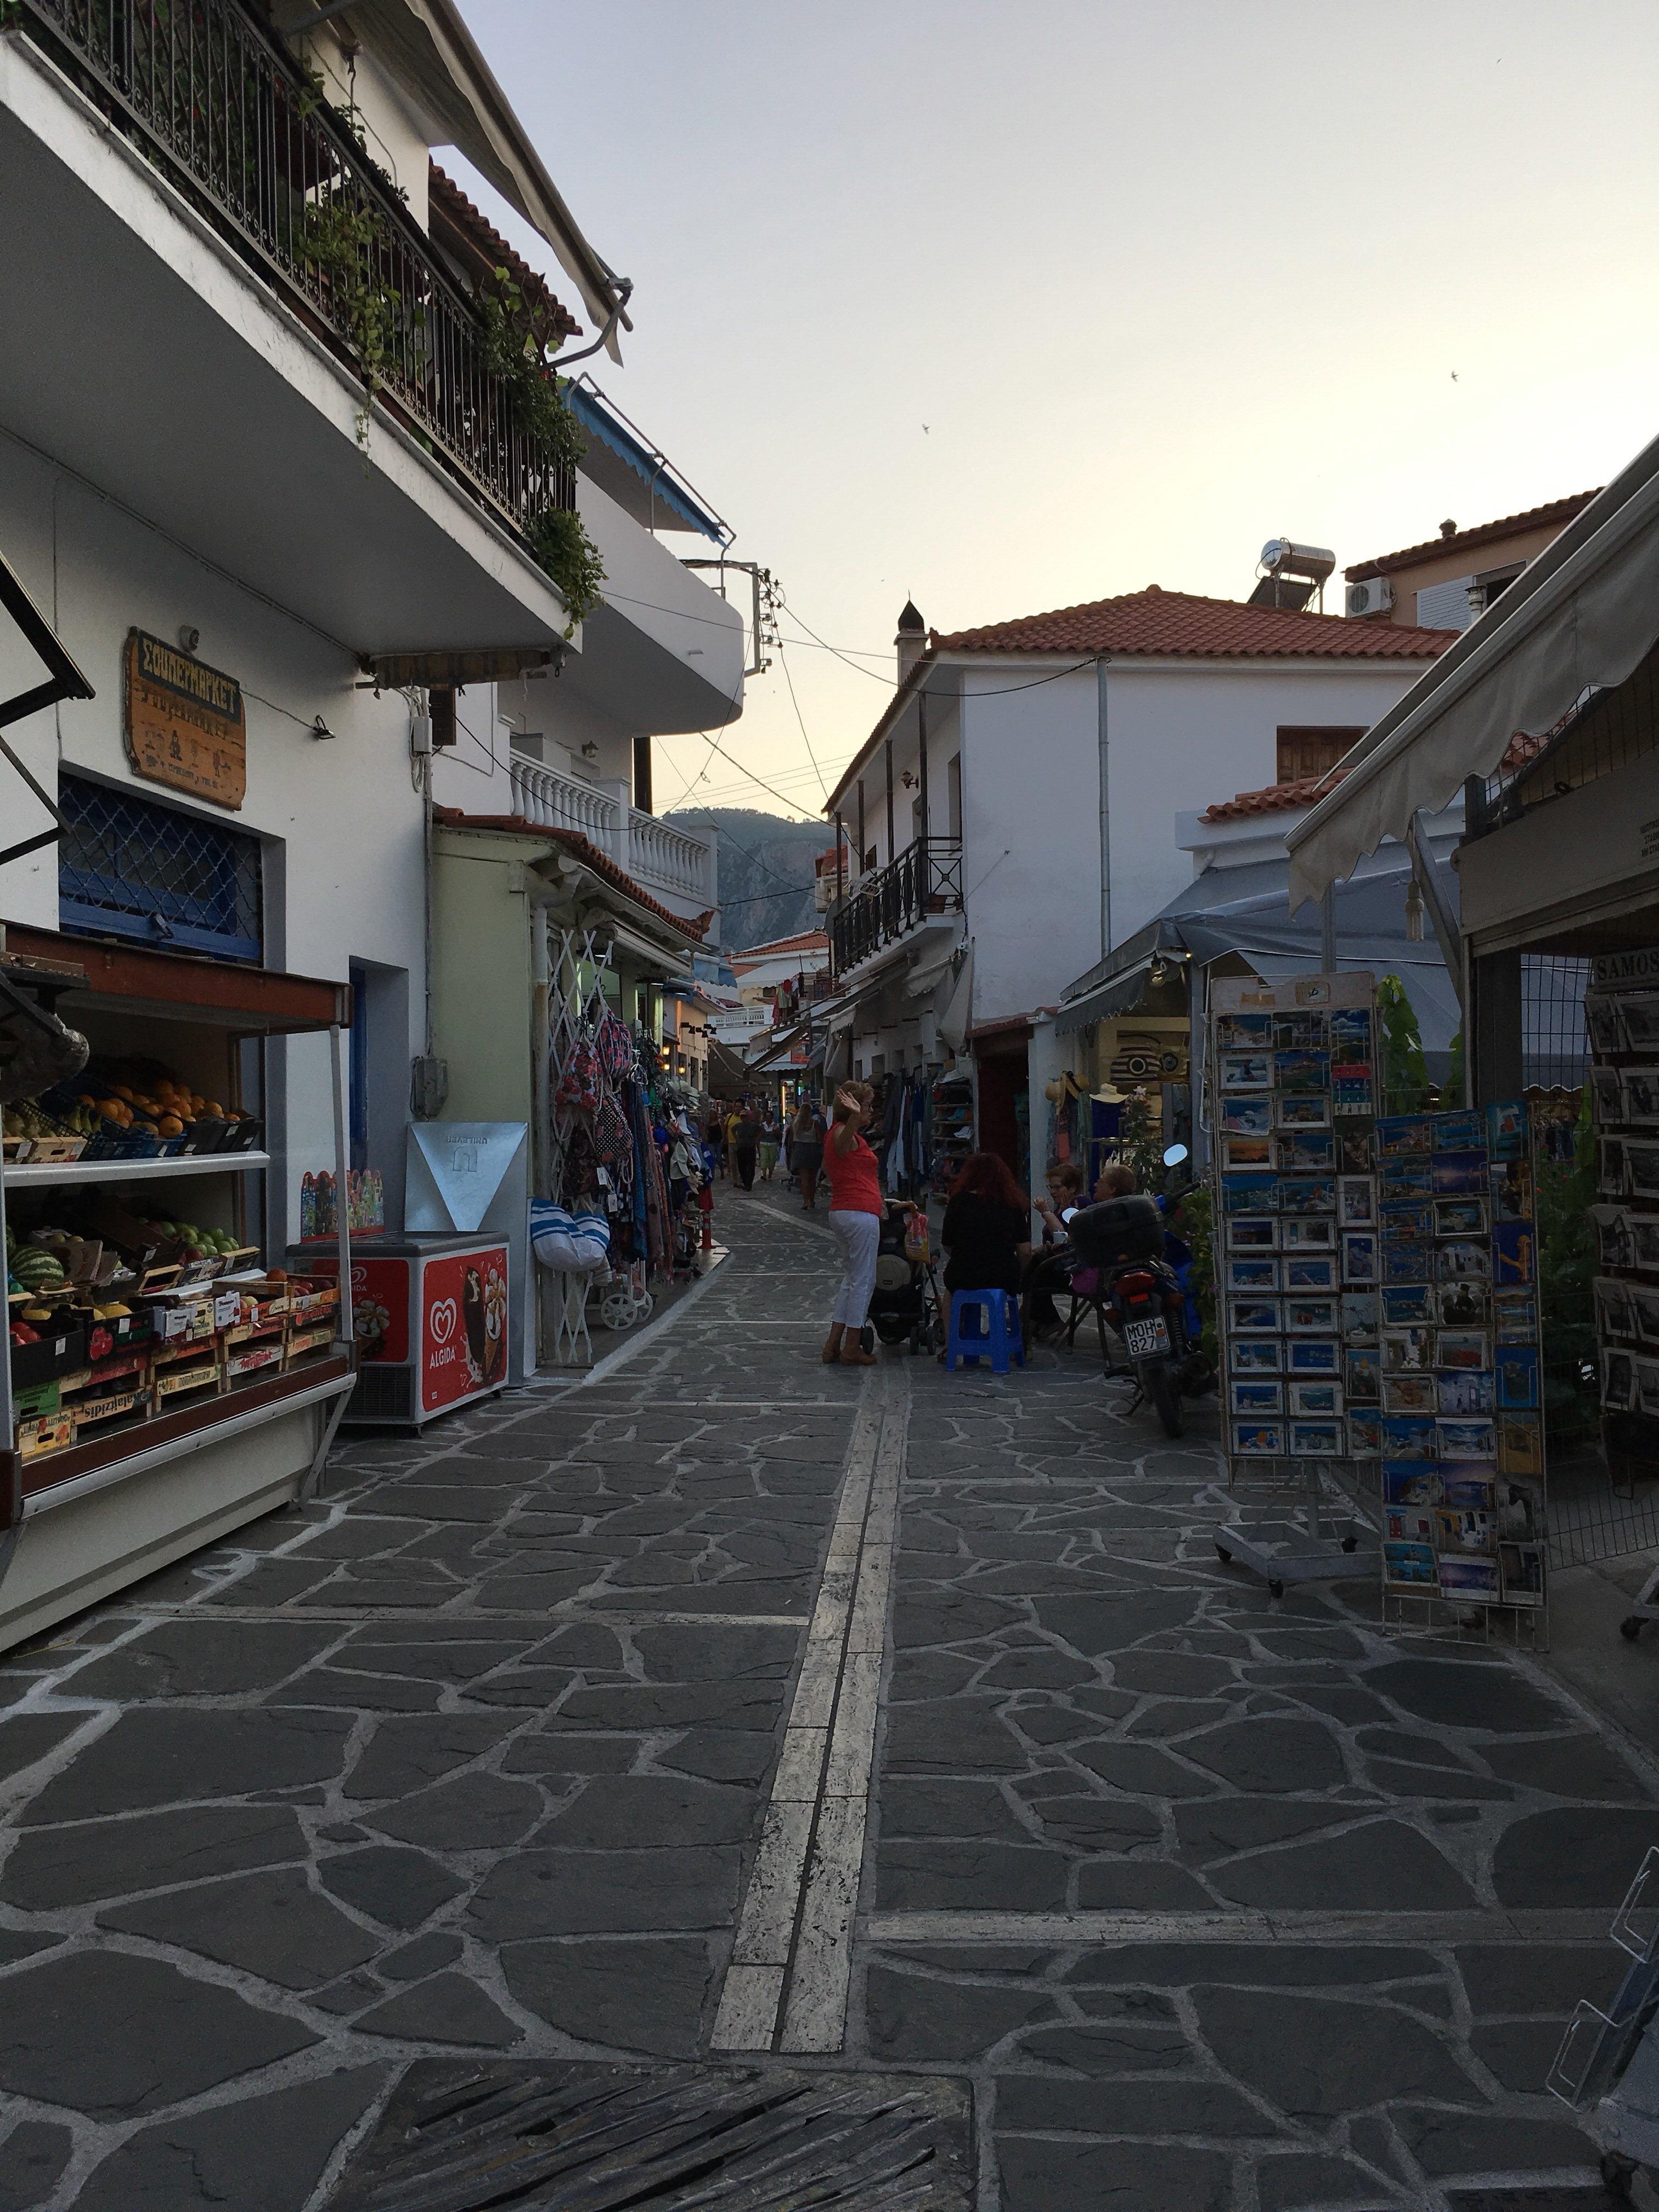 Cosa visitare a Samos: le cittadine da non perdere 19